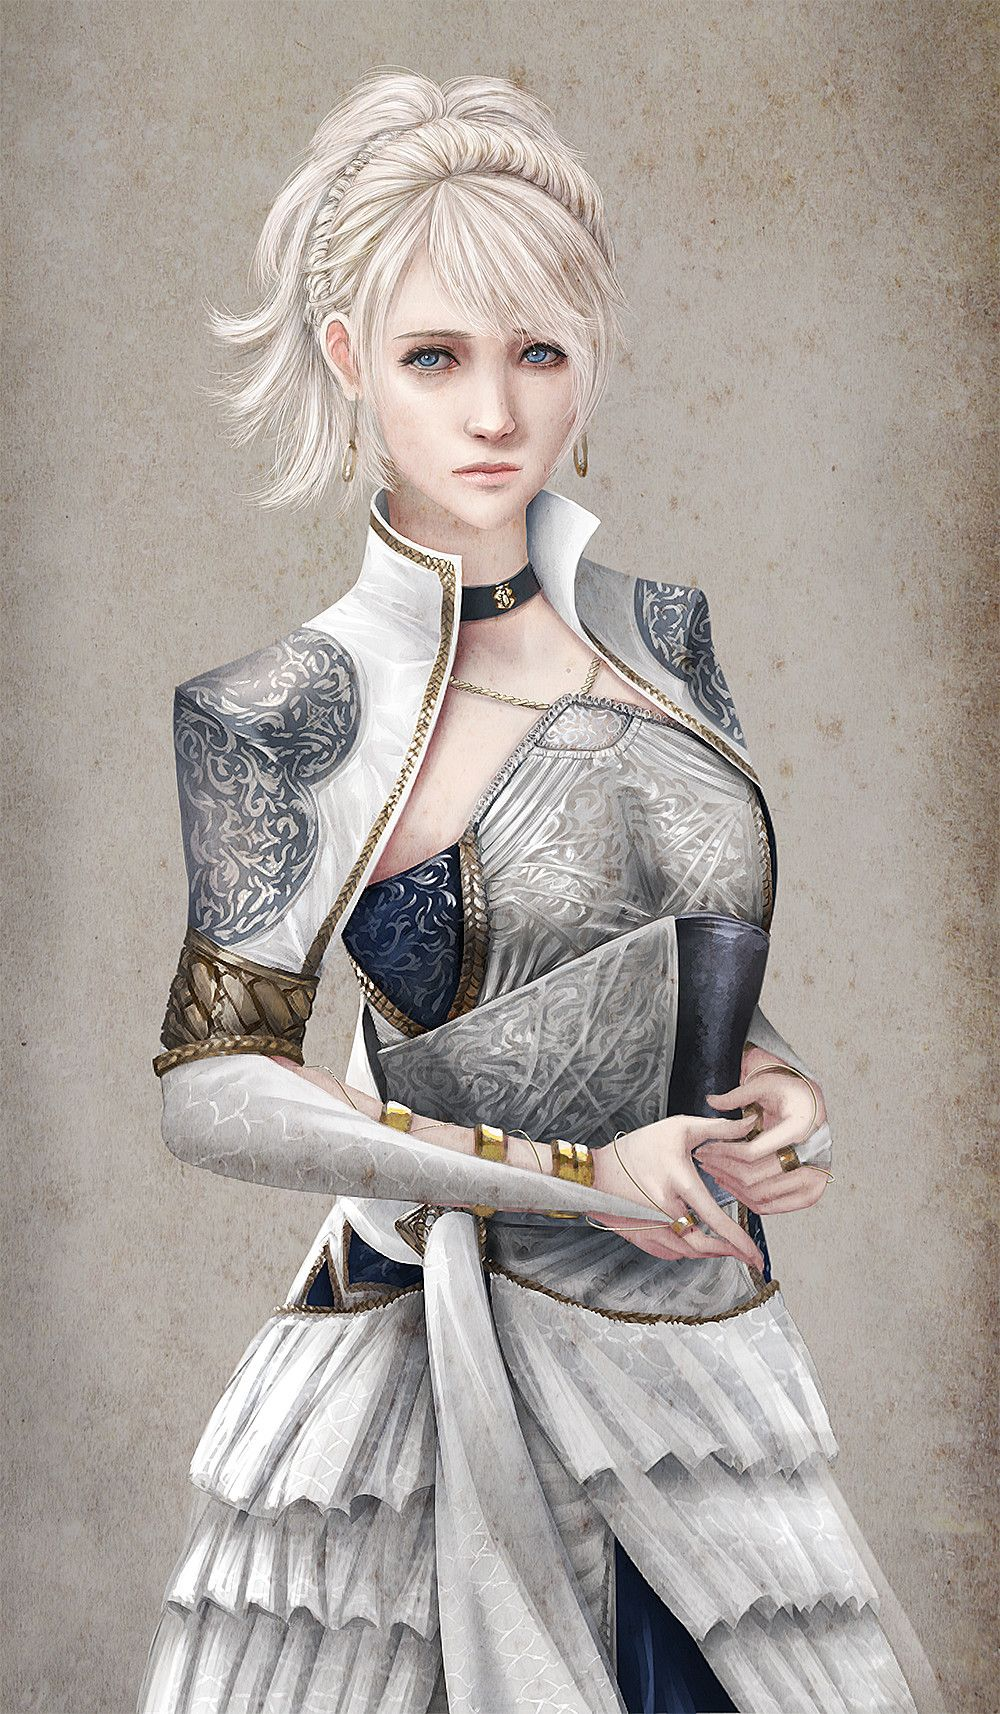 Luna Kingsglaive Final Fantasy Xv Fan Art By Mawa Setiawan